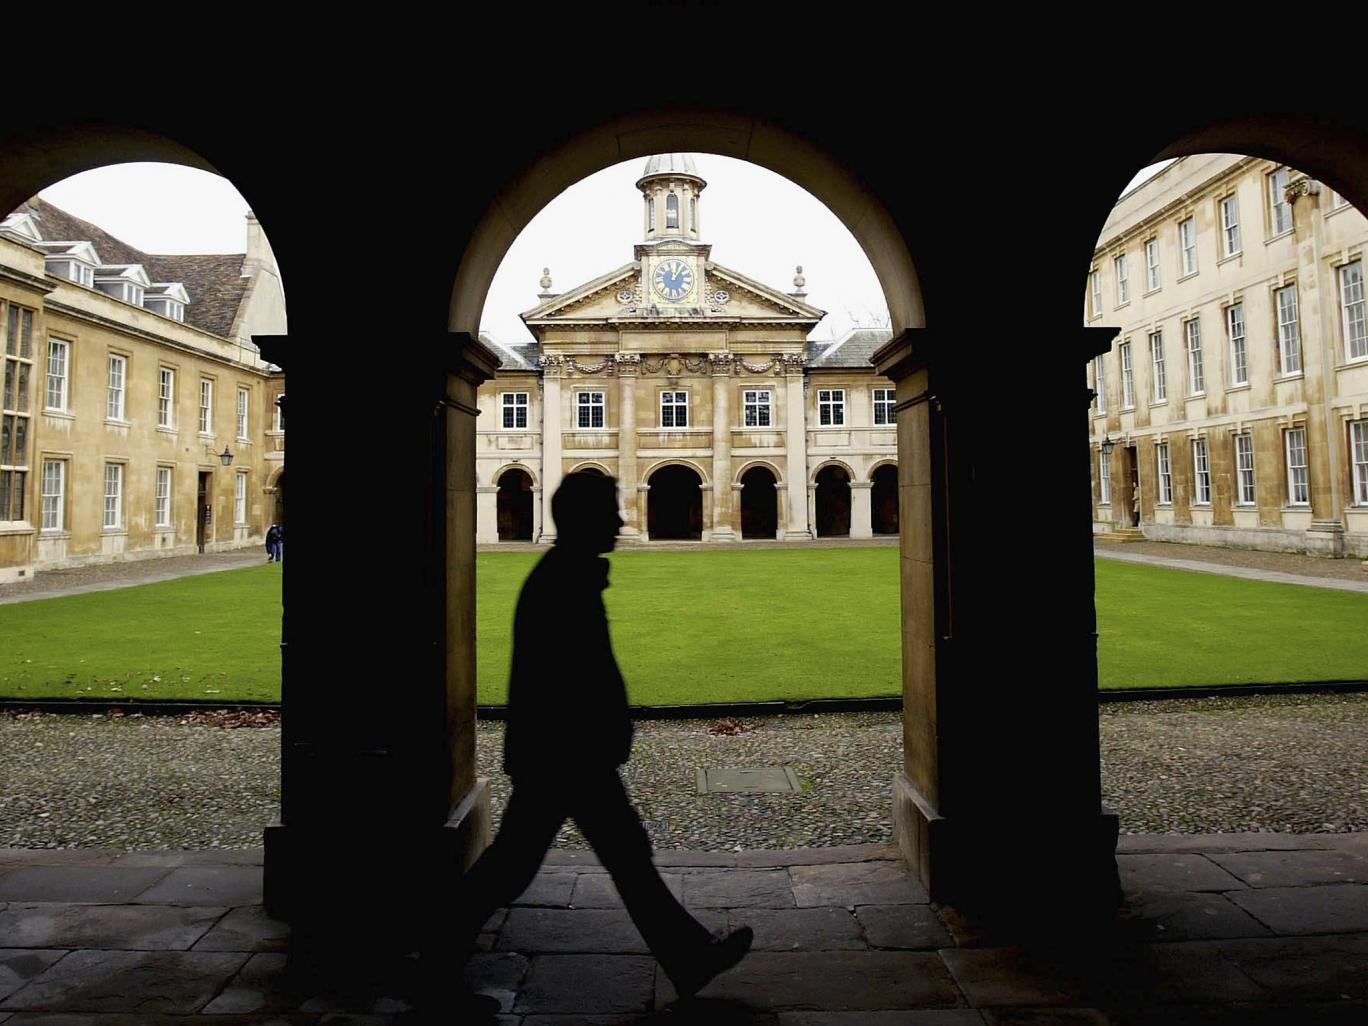 盘点九大盛产CEO的英国高校:伦敦商学院居首